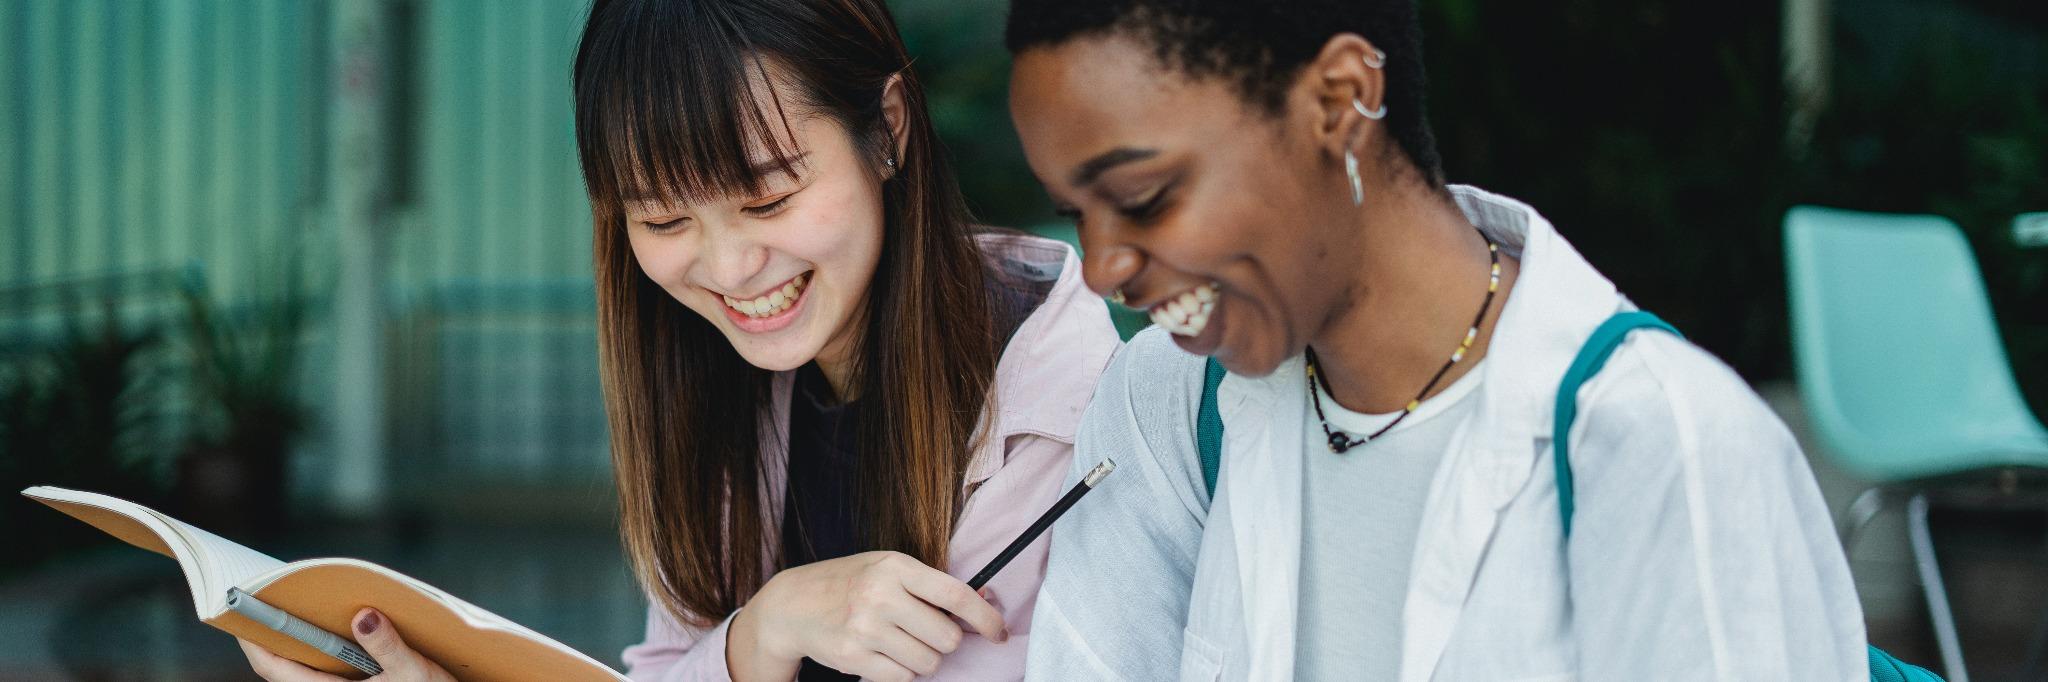 アメリカ高校留学|留学生受け入れ可能な公立高校